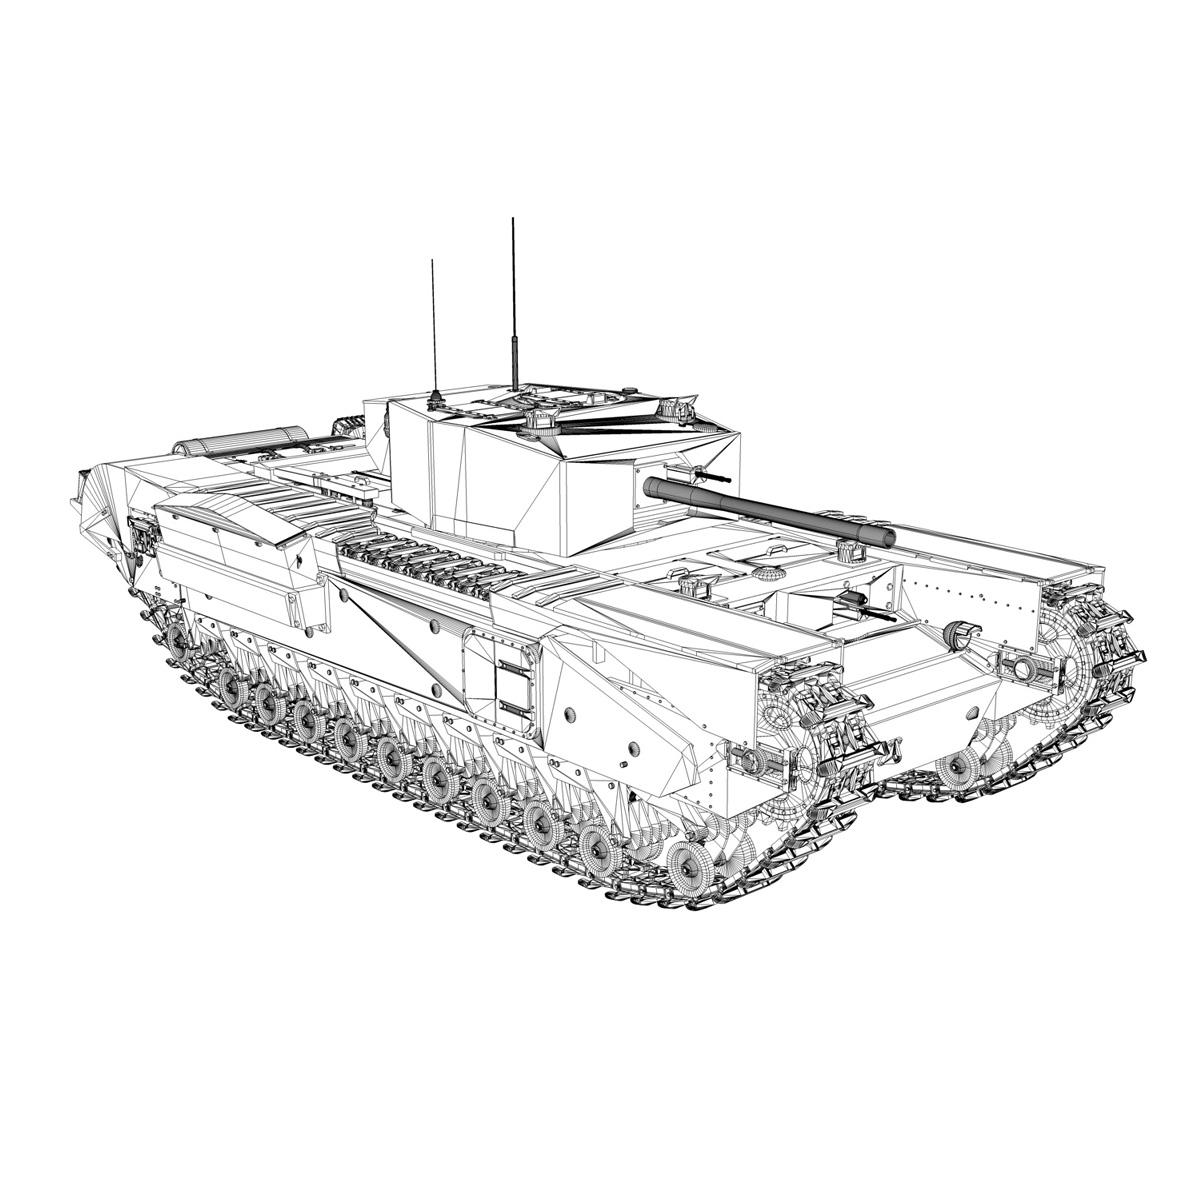 churchill infantry tank mk.iii 3d model 3ds fbx c4d lwo obj 271970